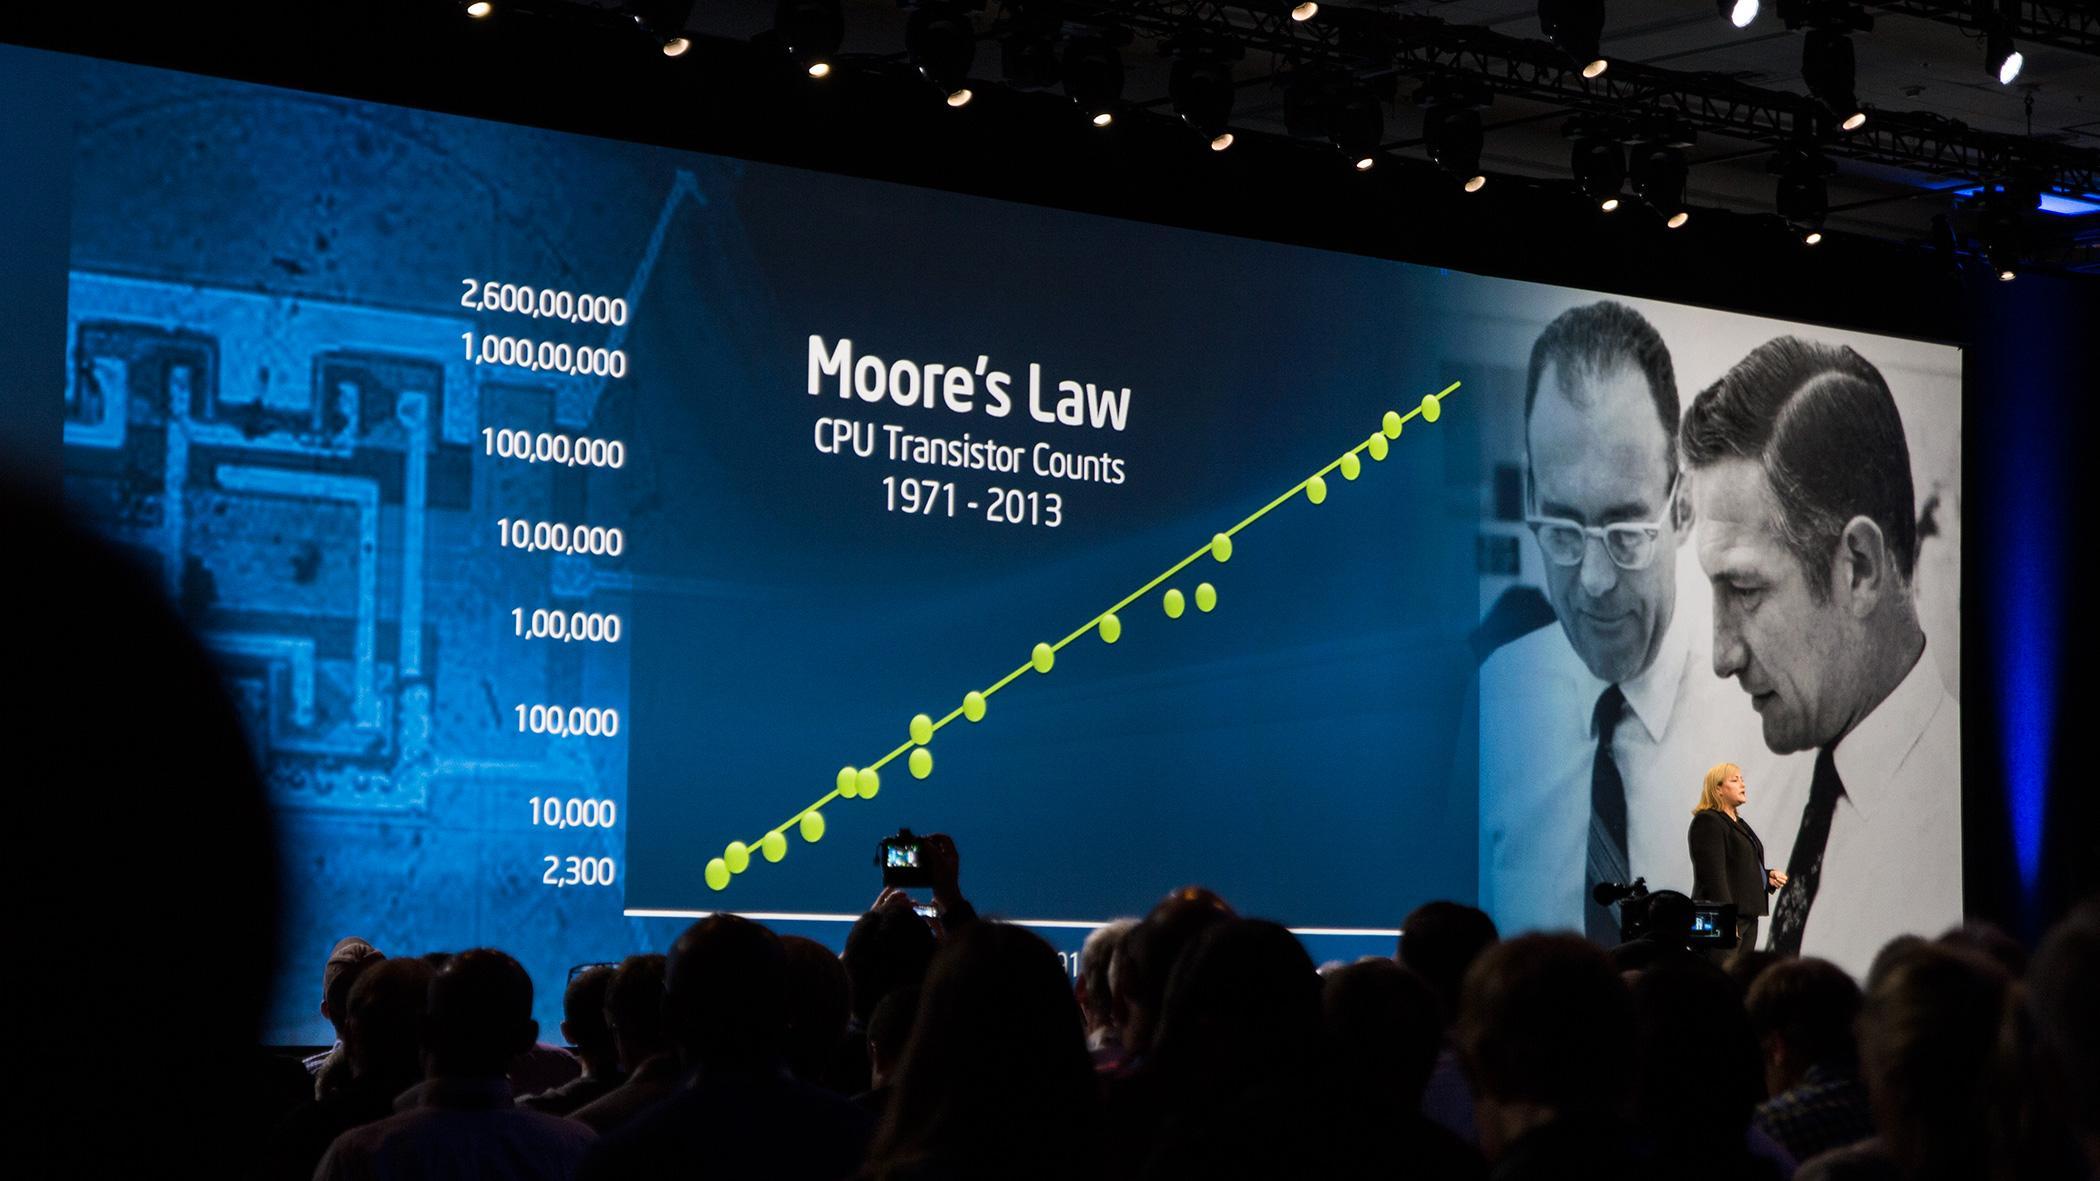 Renee James vil ikke gå med på at Moores lov vil nå sin best-før-dato med det første.Foto: Varg Aamo, Hardware.no